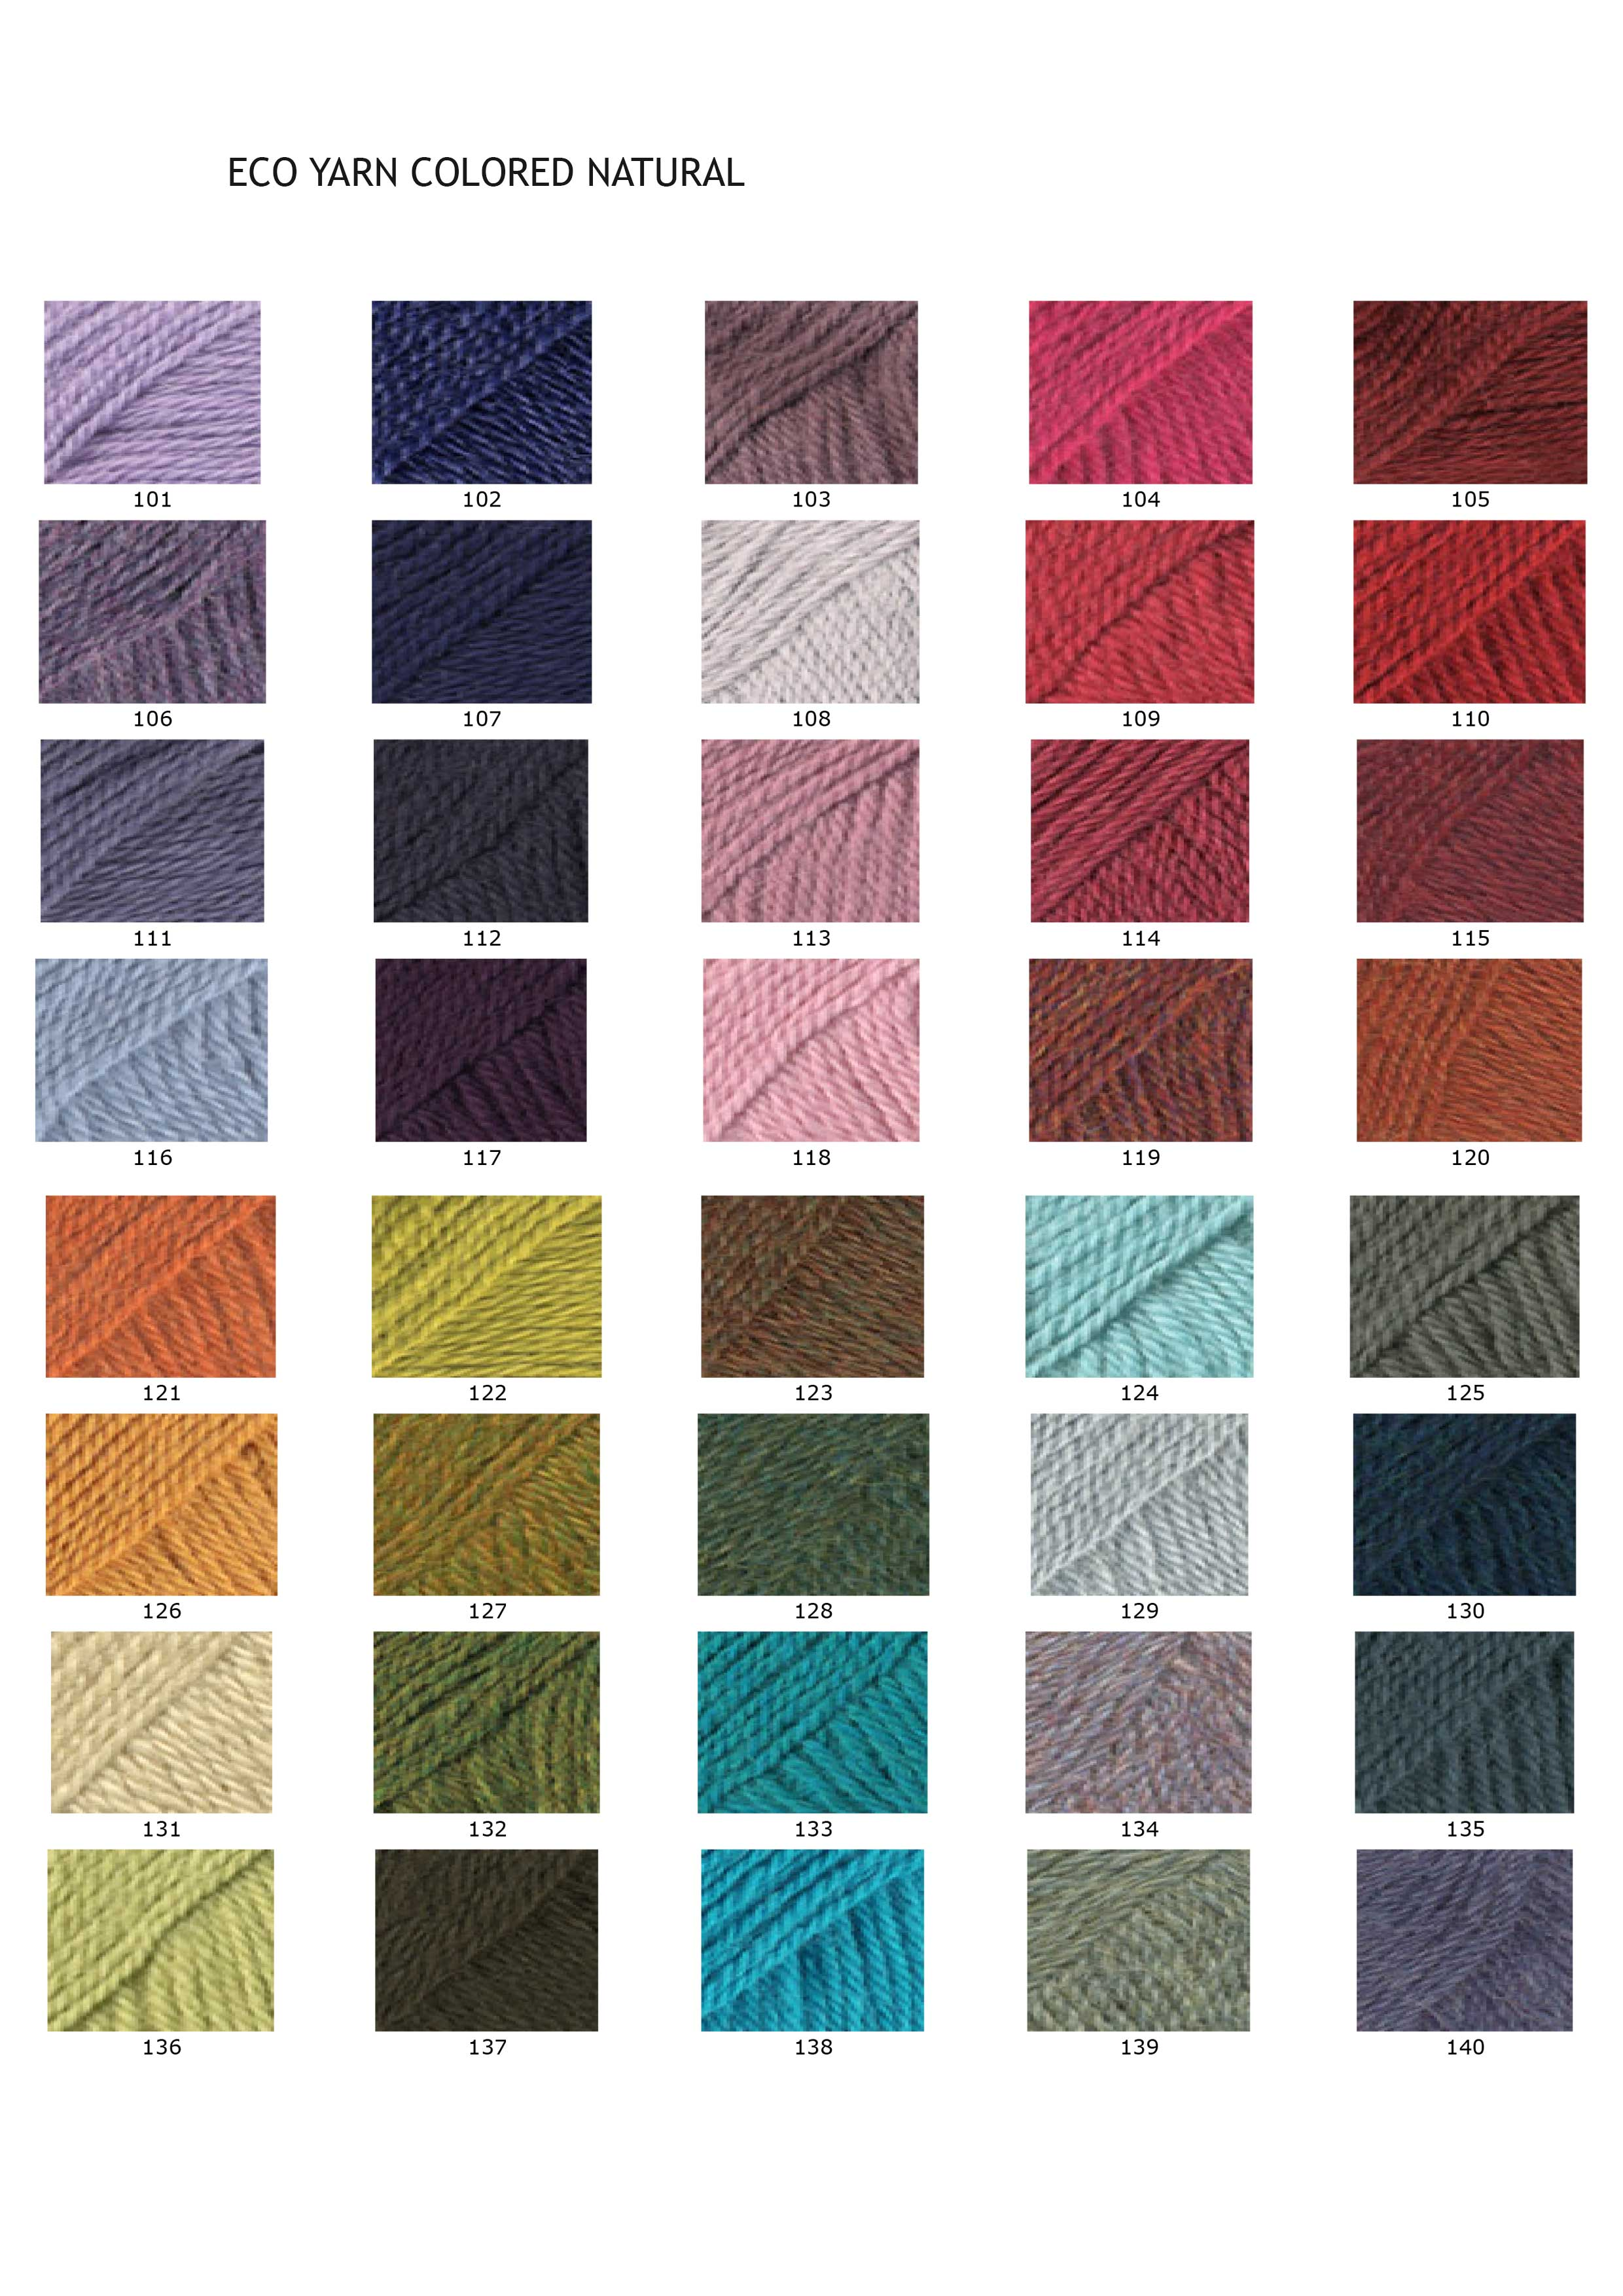 PopsFL eco (baby) alpaca yarn colored